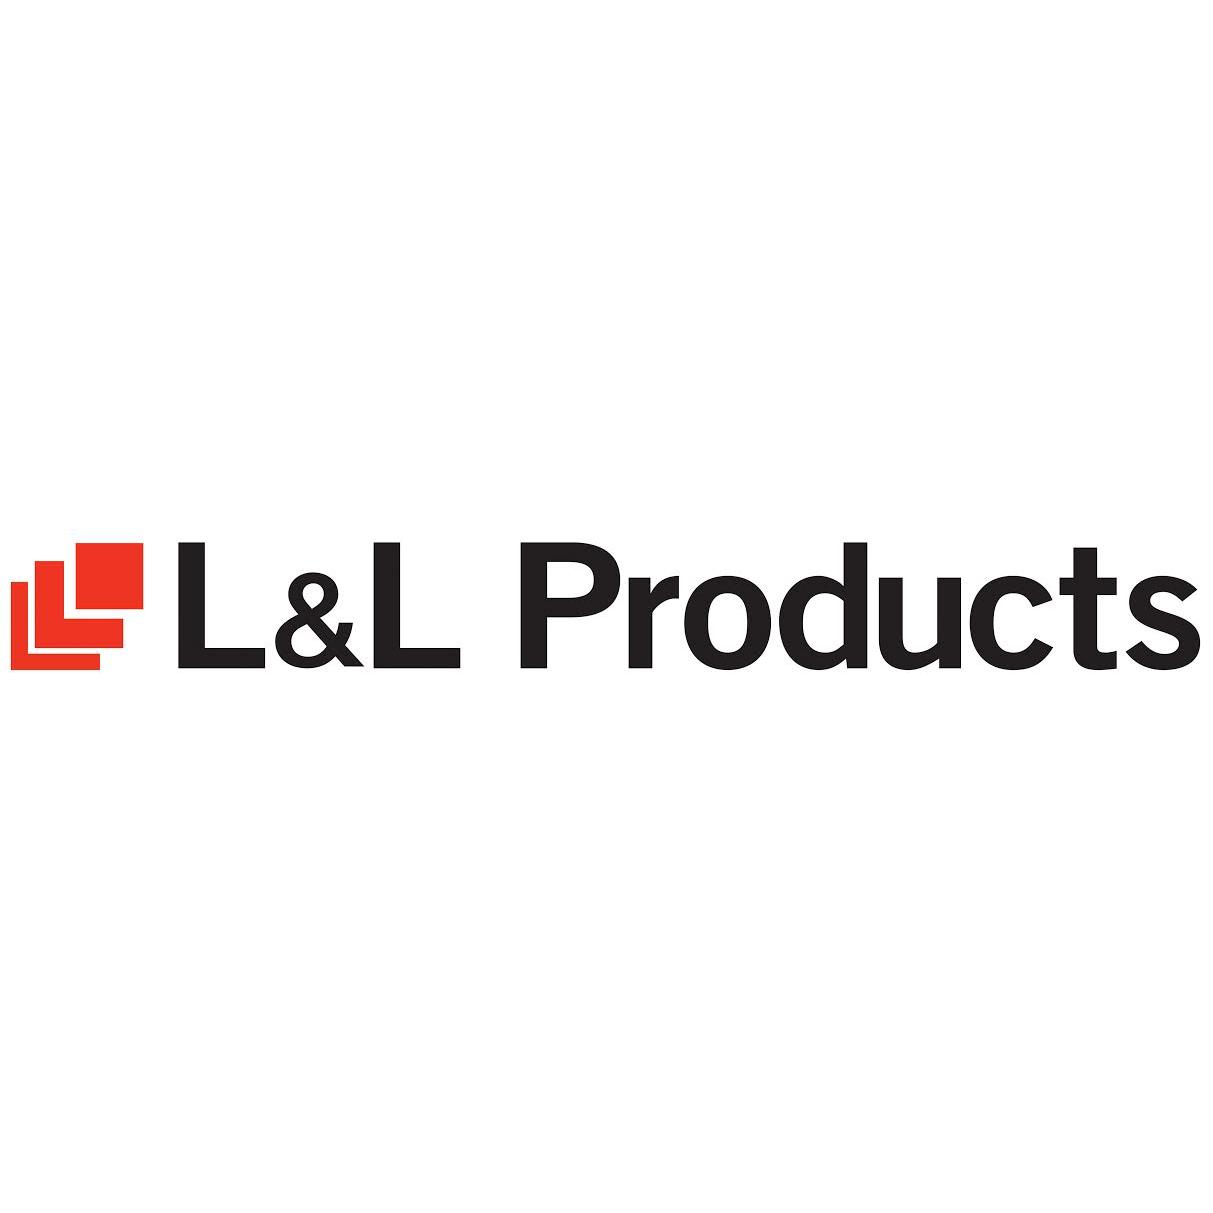 L & L Products